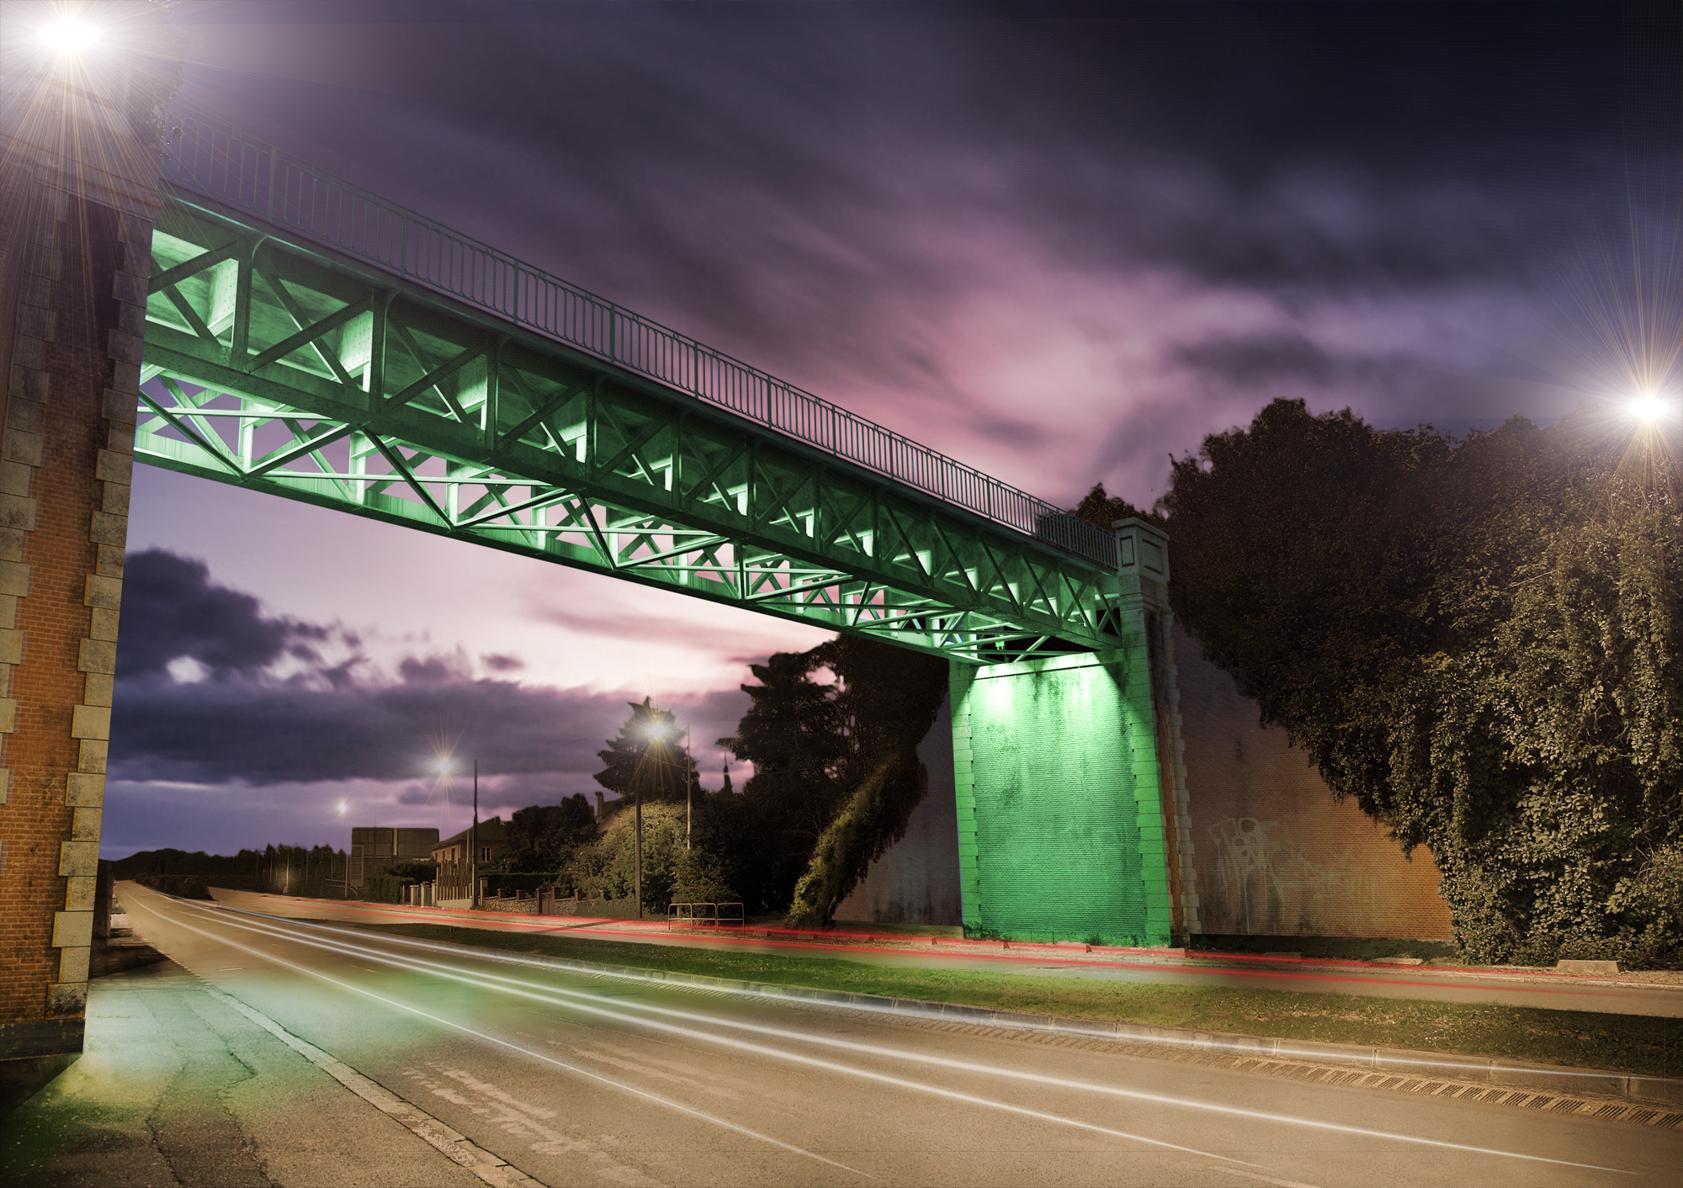 Ponts en 3D par Dripmoon - Infographies 3D